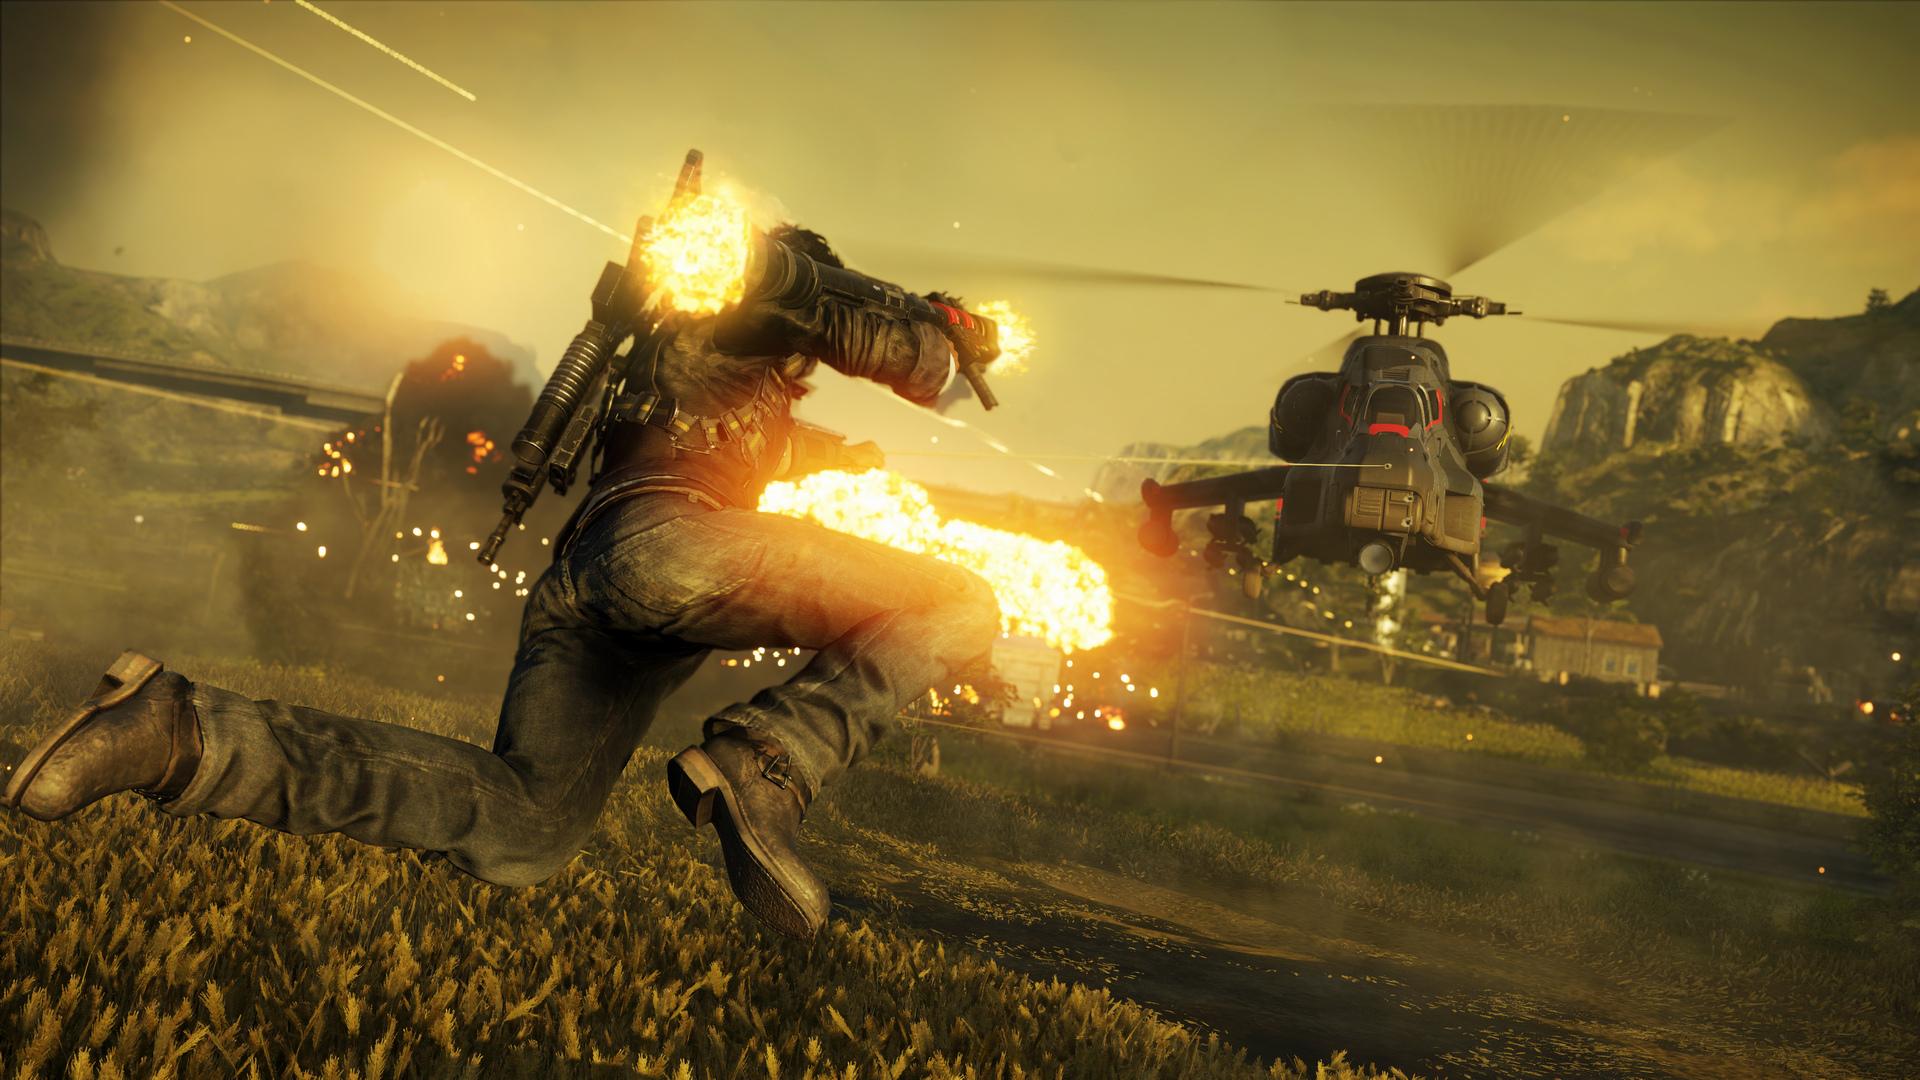 《正当防卫4》火爆新截图放出 萌哒哒的羊驼抢镜